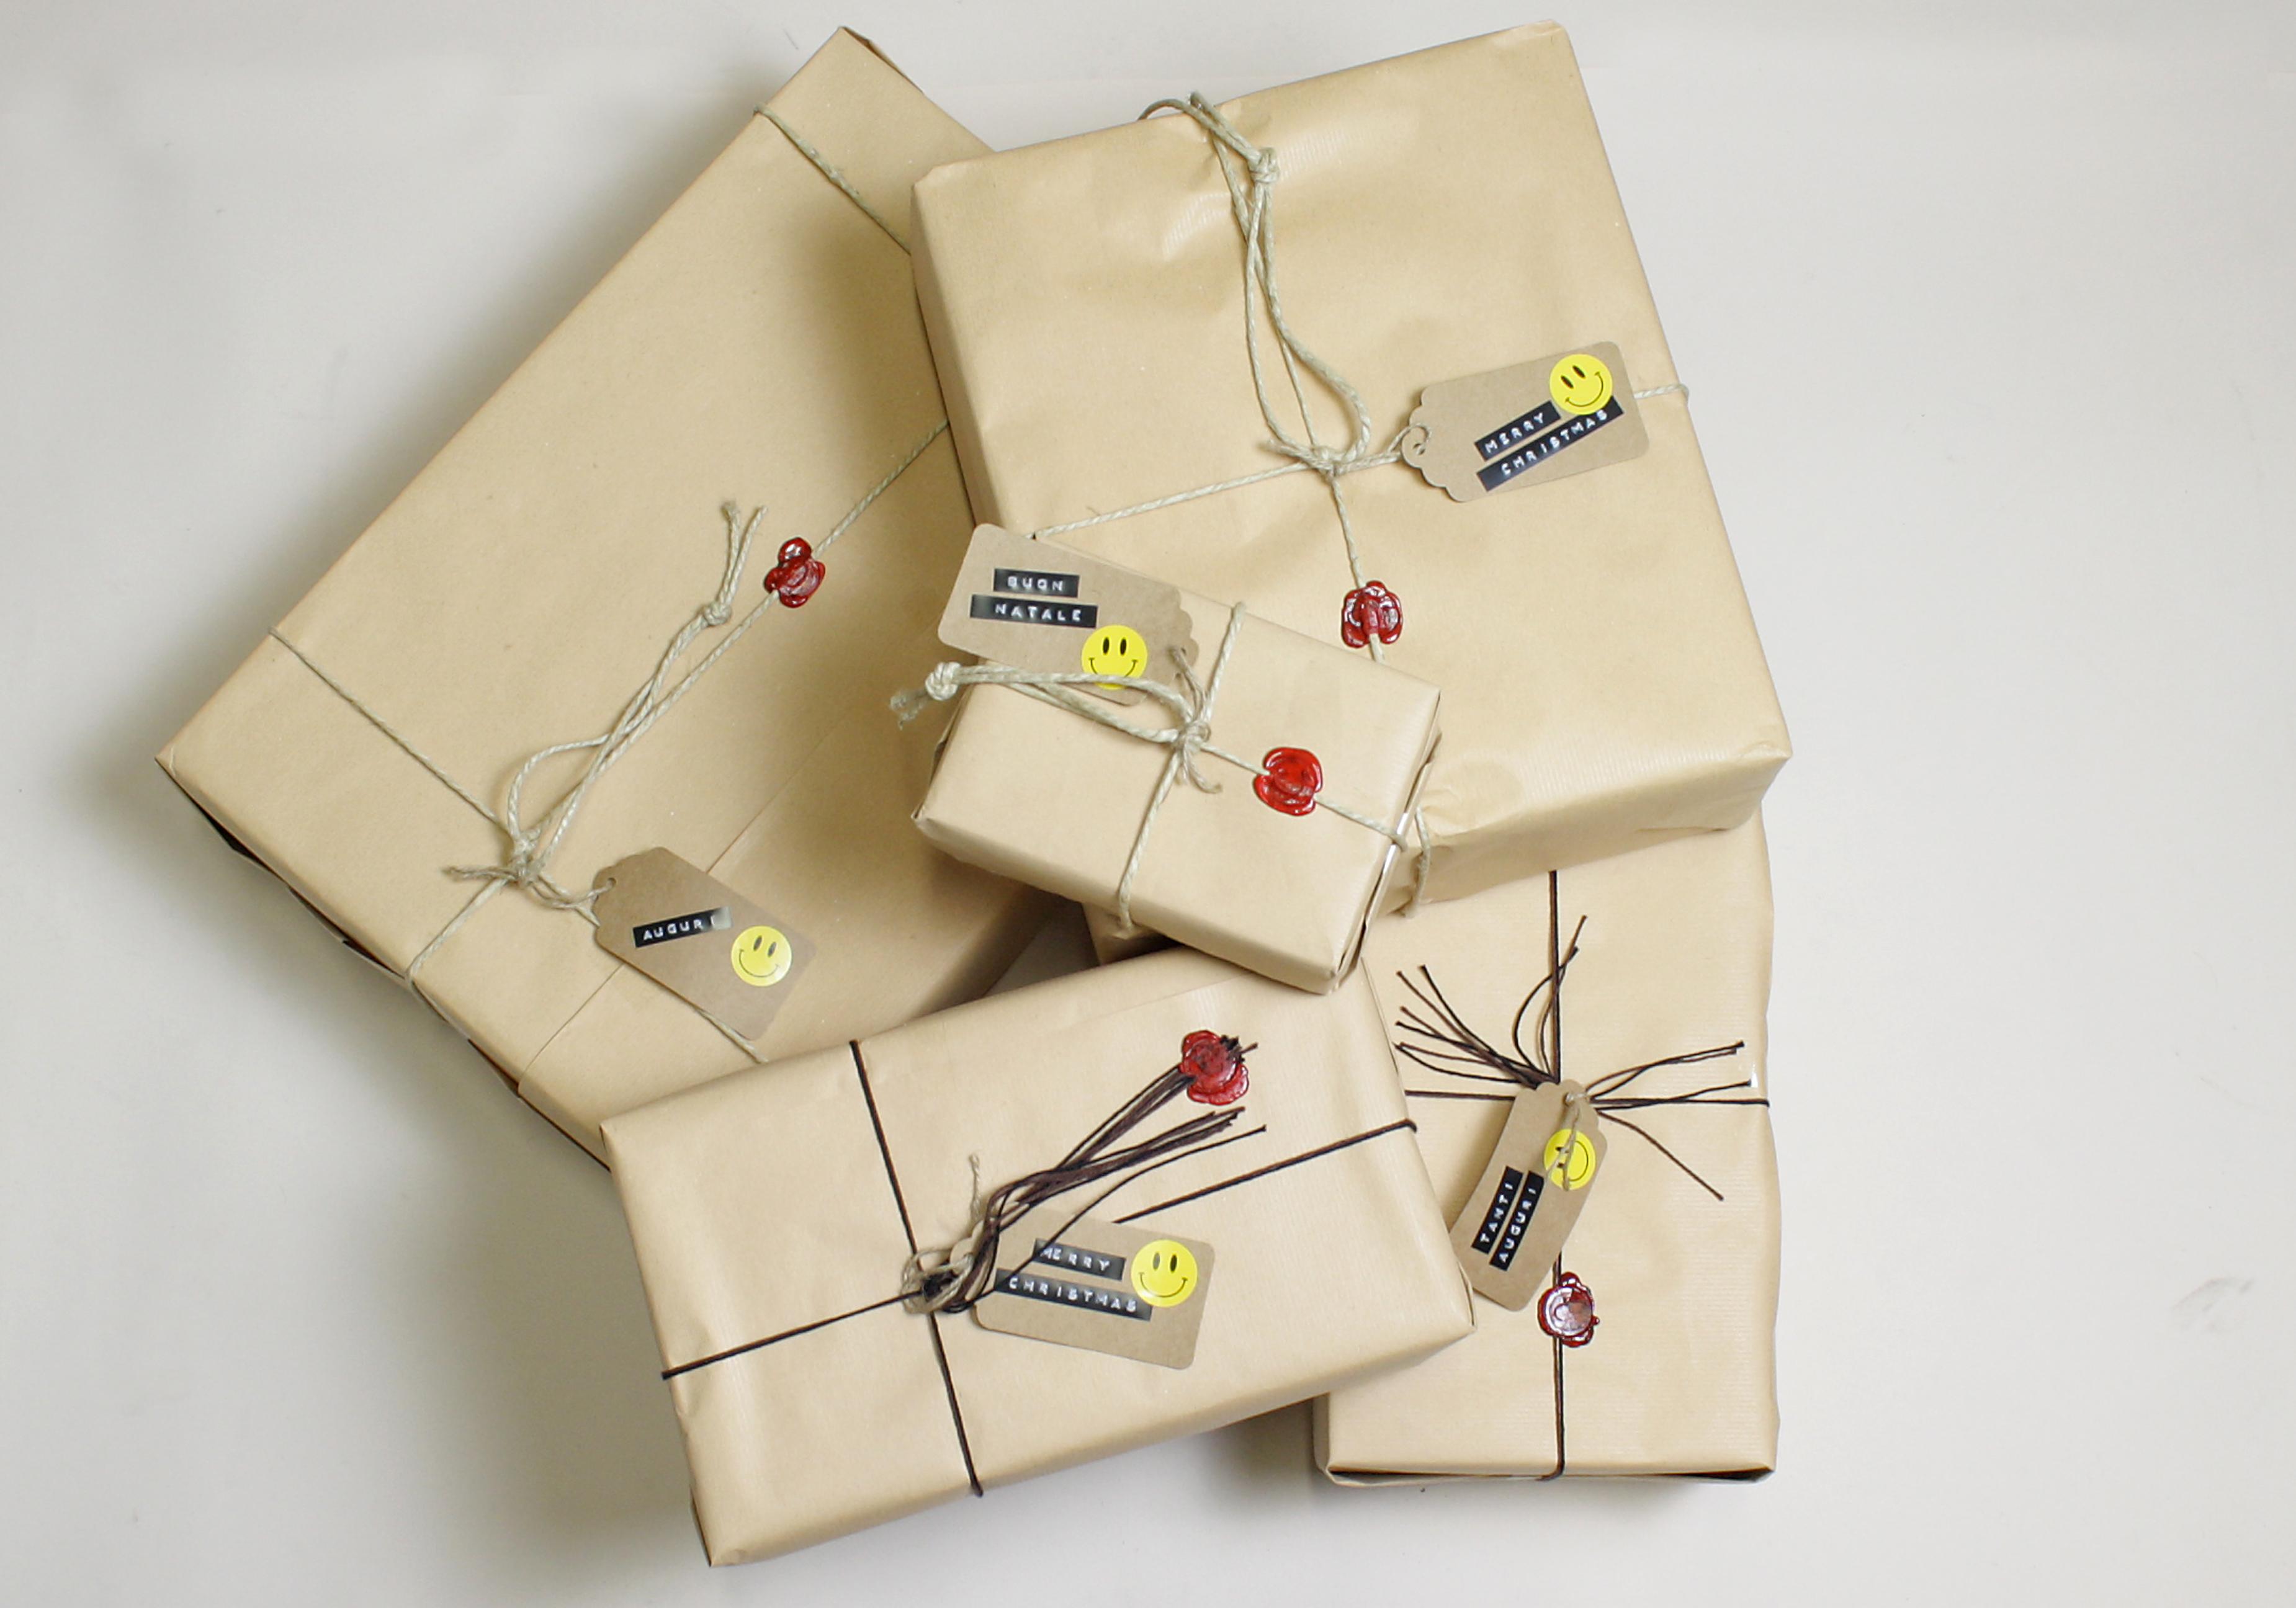 I nostri pacchetti regalo